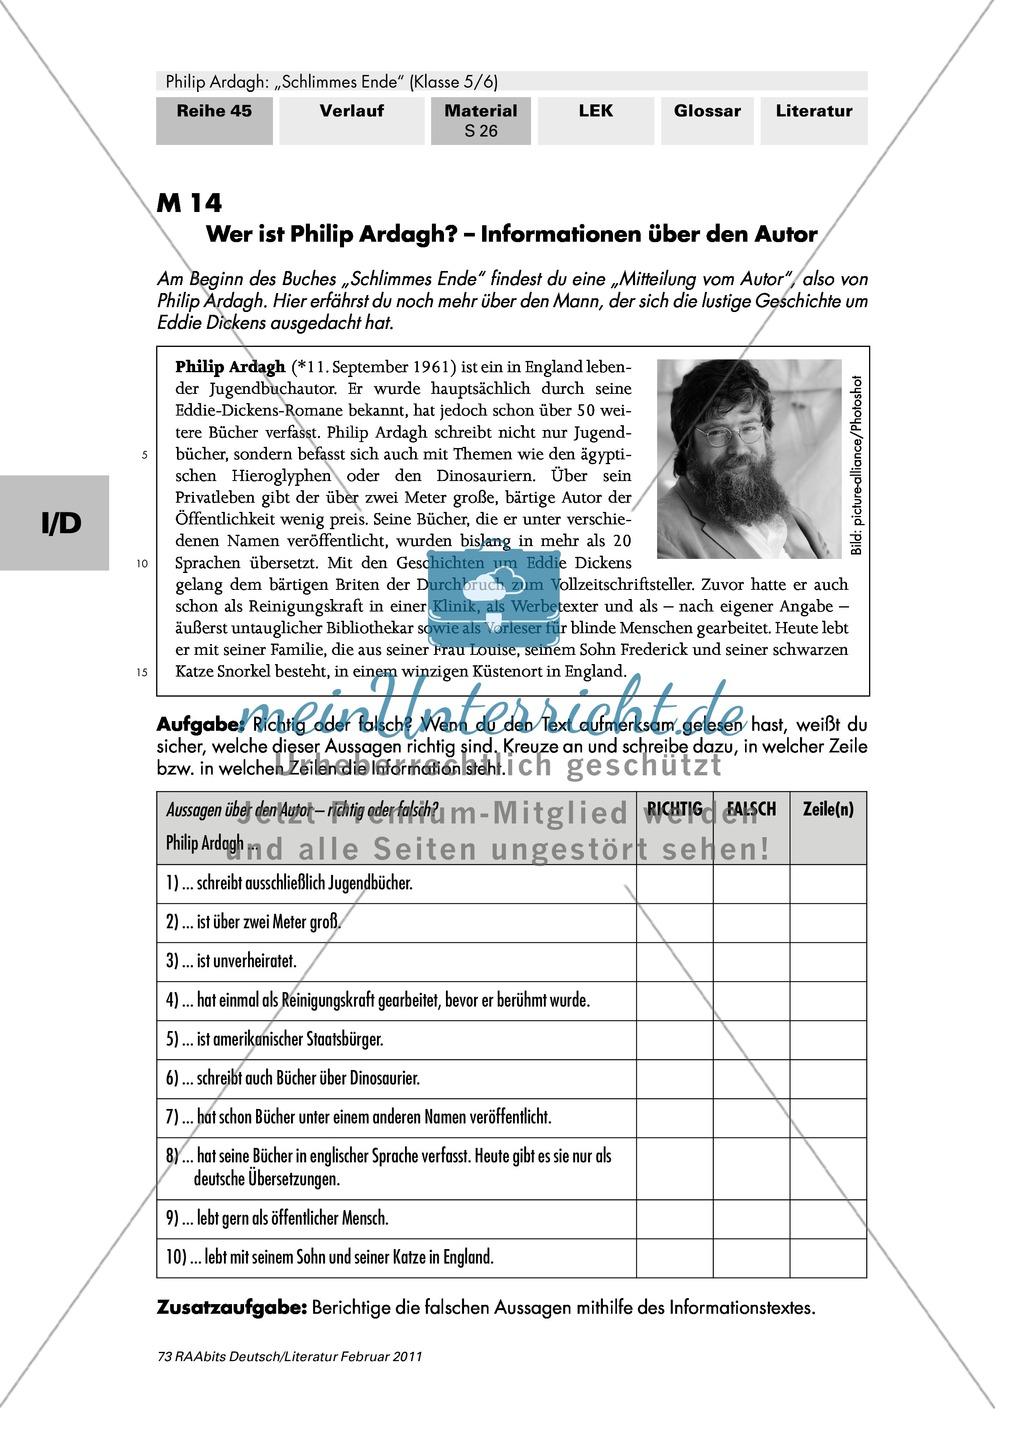 """Philip Ardagh """"Schlimmes Ende"""": Informationen über den Autor Preview 1"""